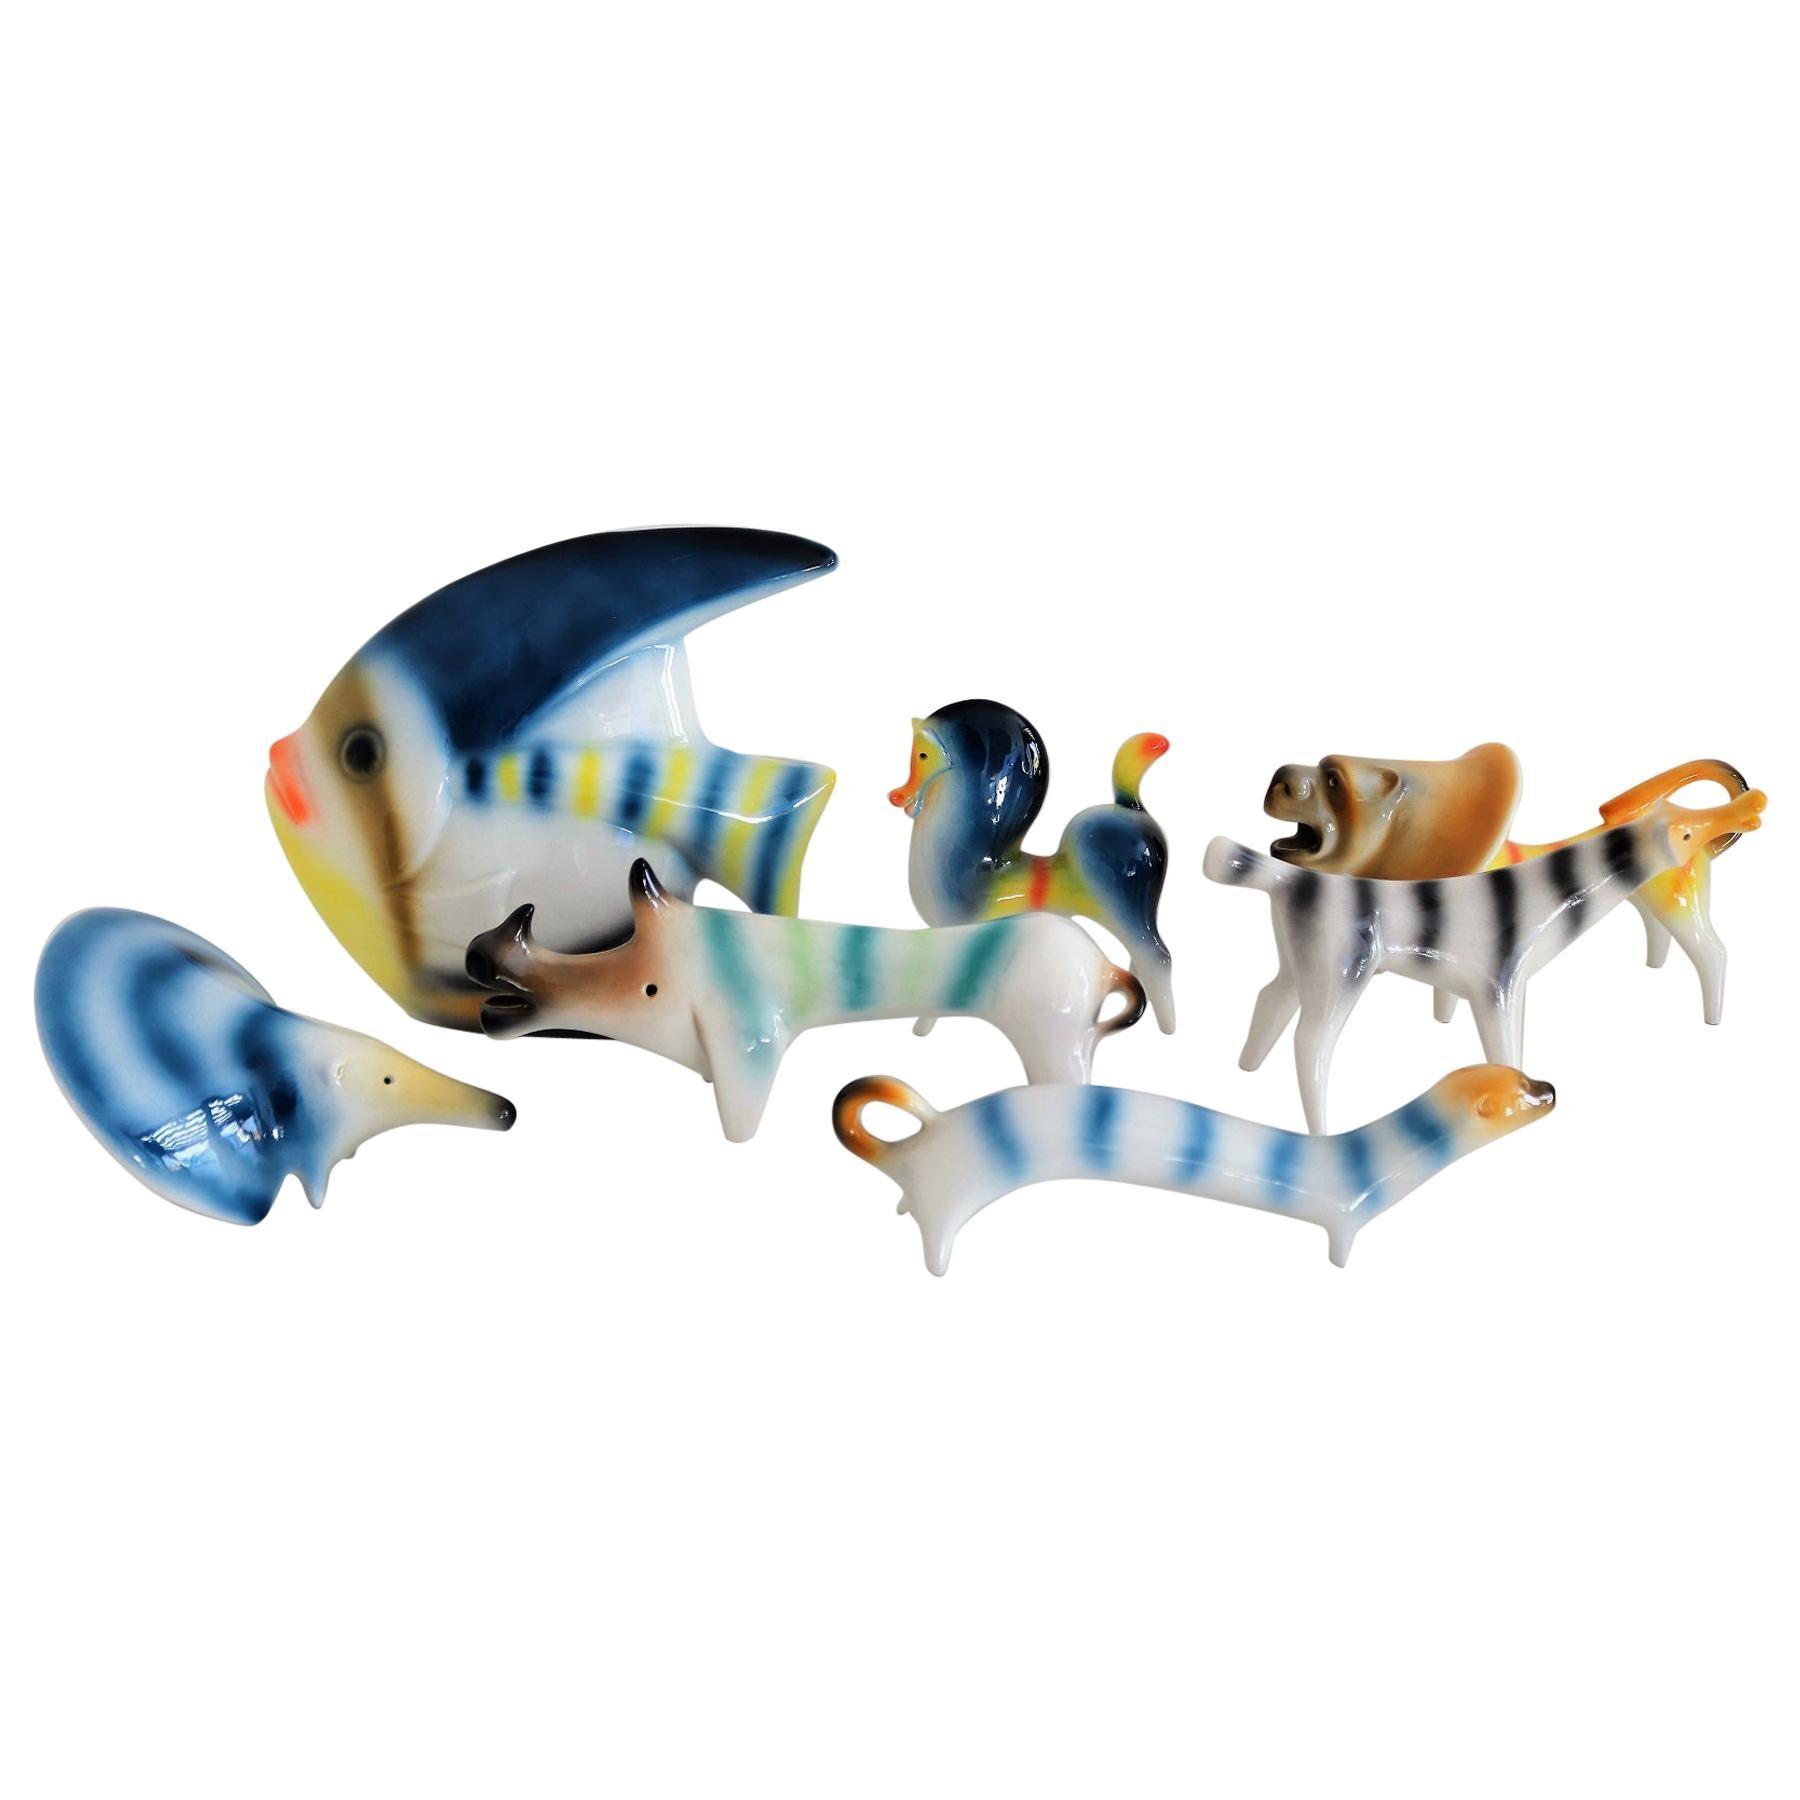 Italian Ceramic Animal Collector Selection by Roberto Rigon, 1970s